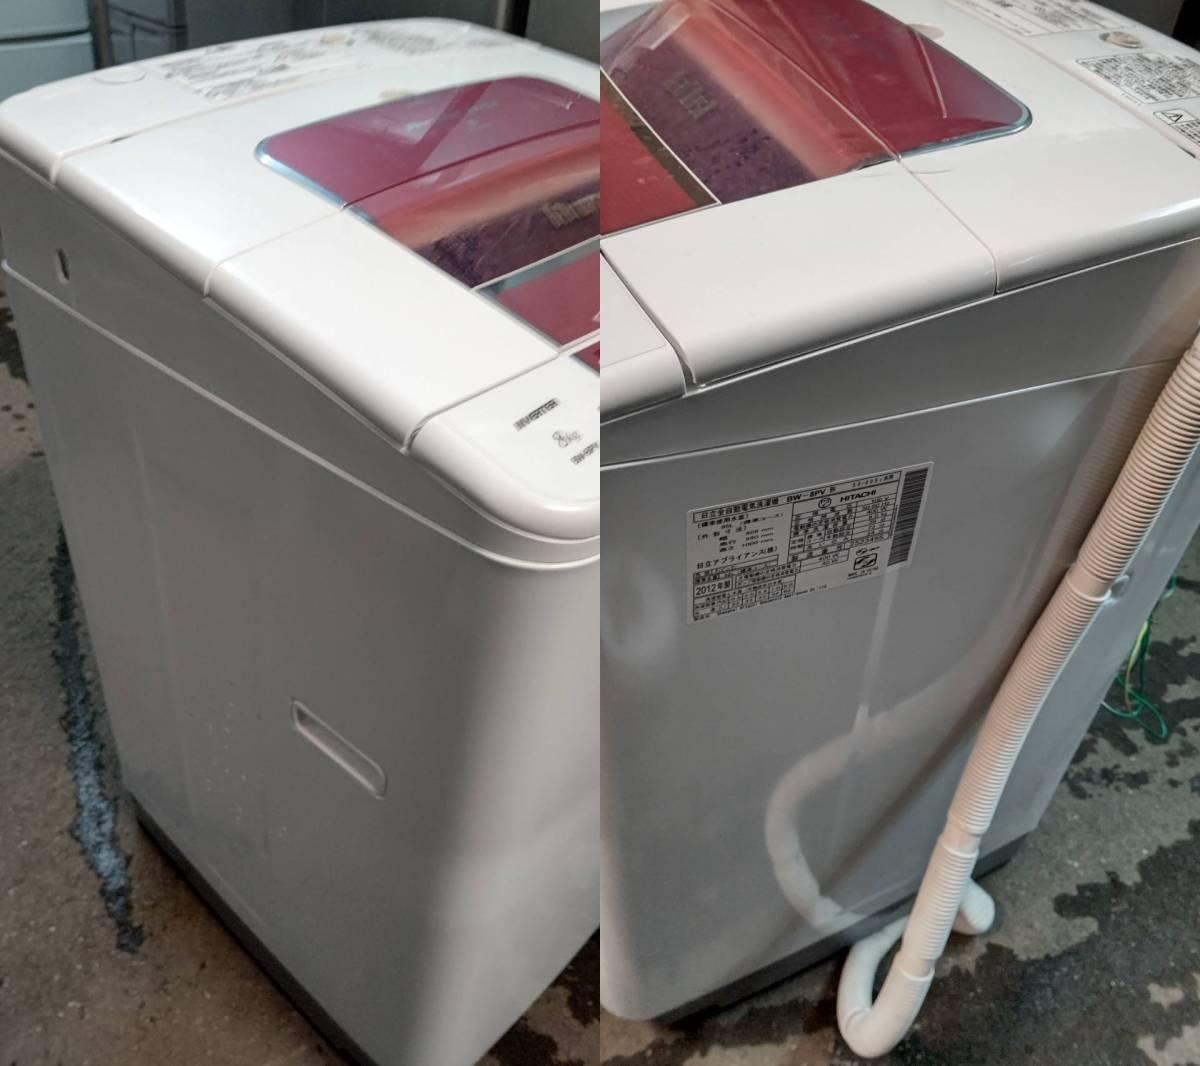 送料無料T47744 日立 全自動洗濯機 ビートウォッシュ 8.0㎏ BW-8PV シャワービート洗浄 エアジェット乾燥 美品_画像3